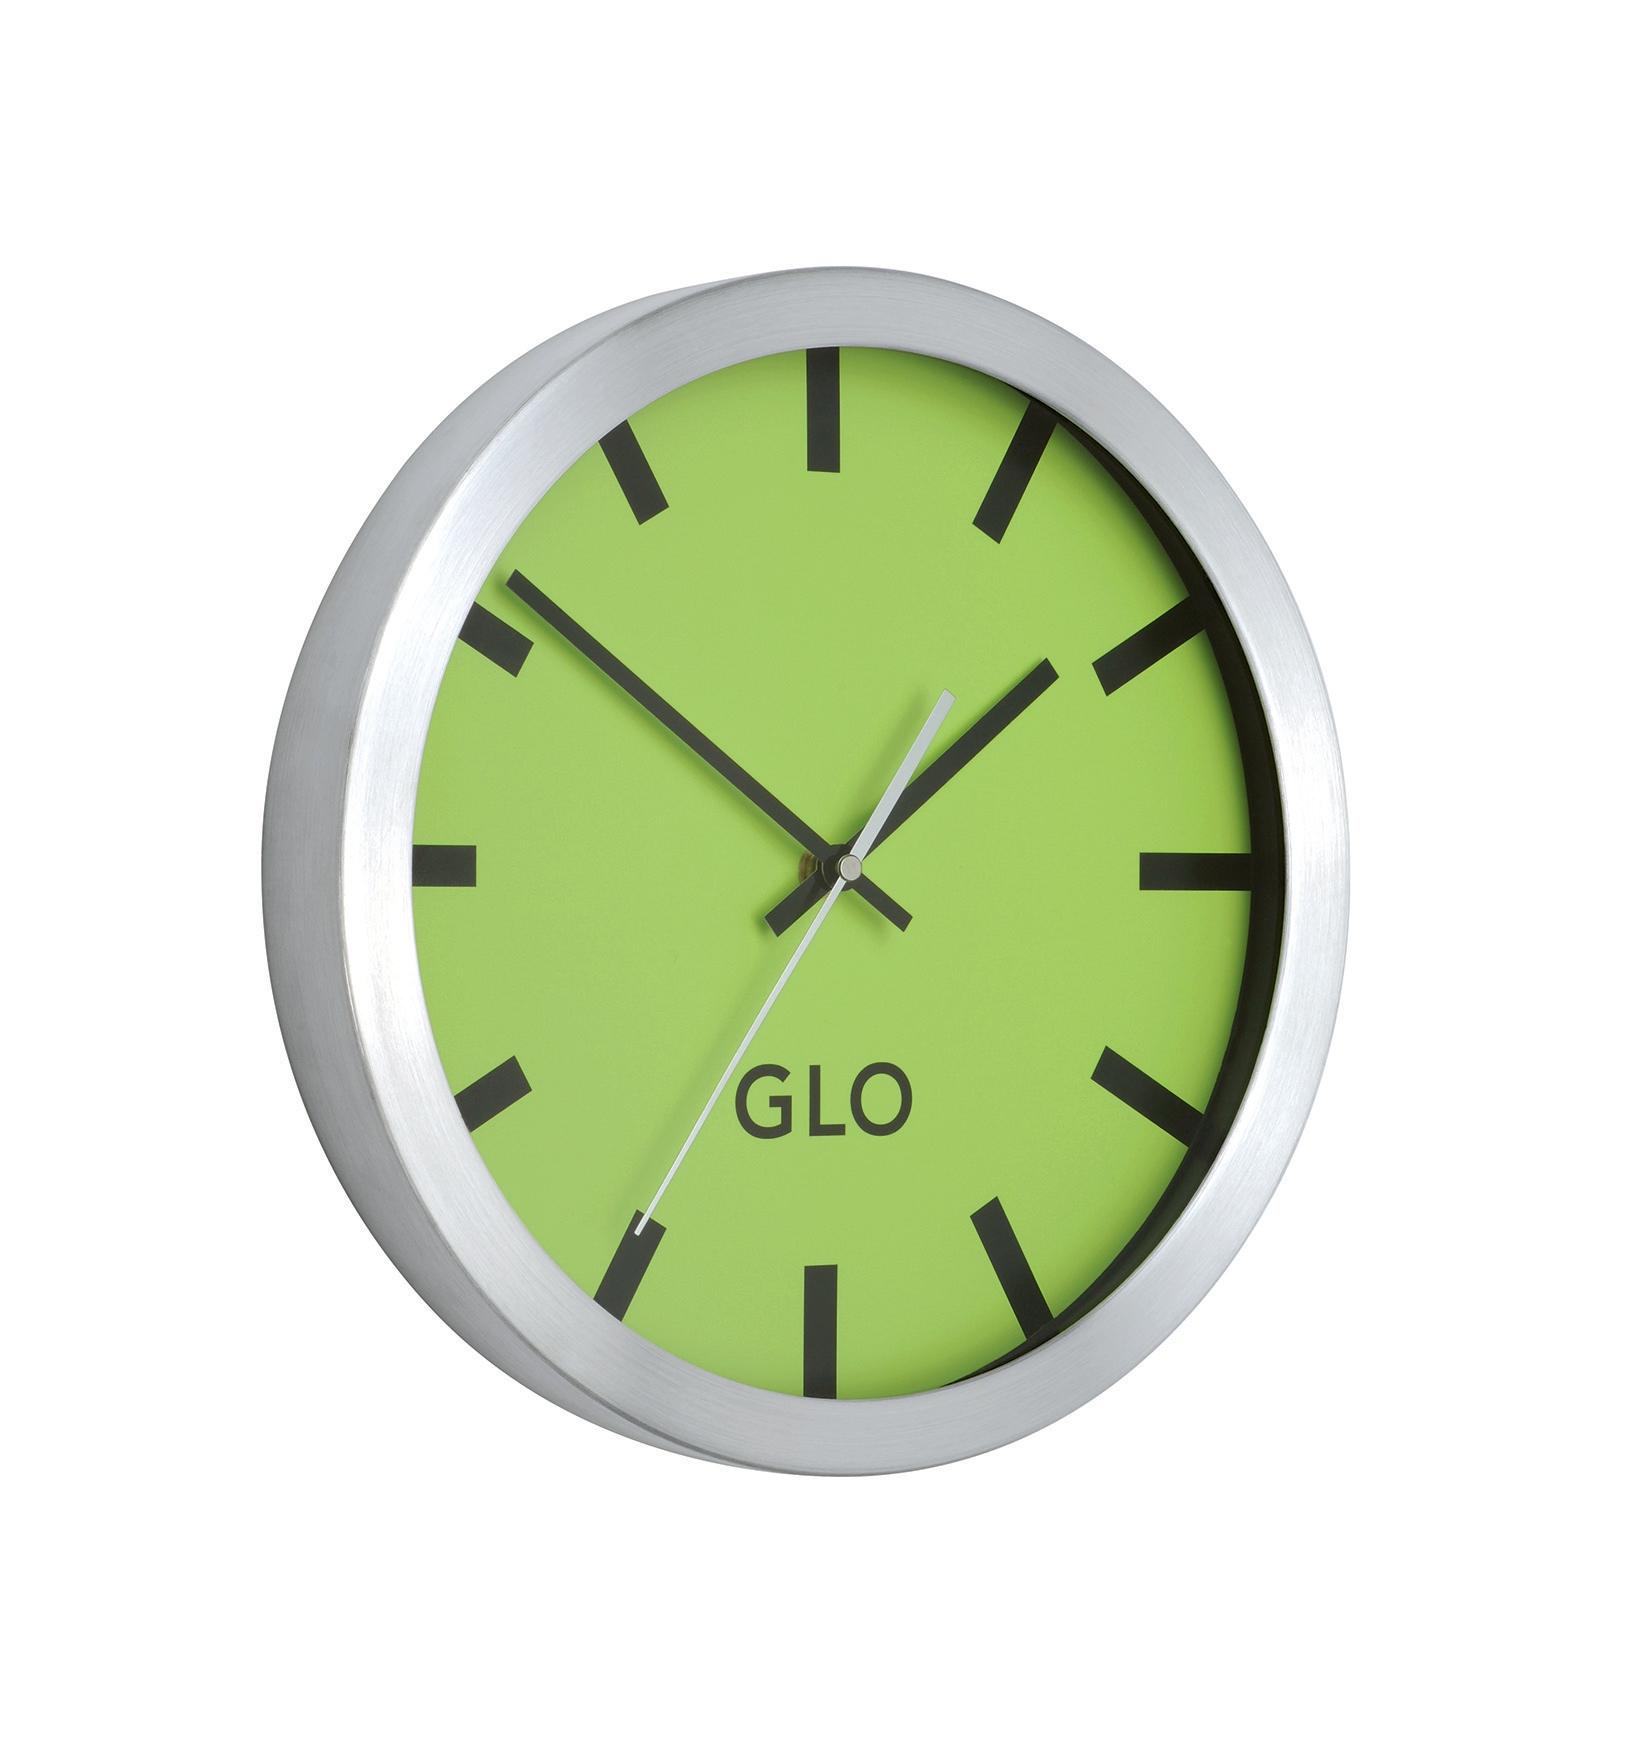 GLO Aluminium Clock Green Face